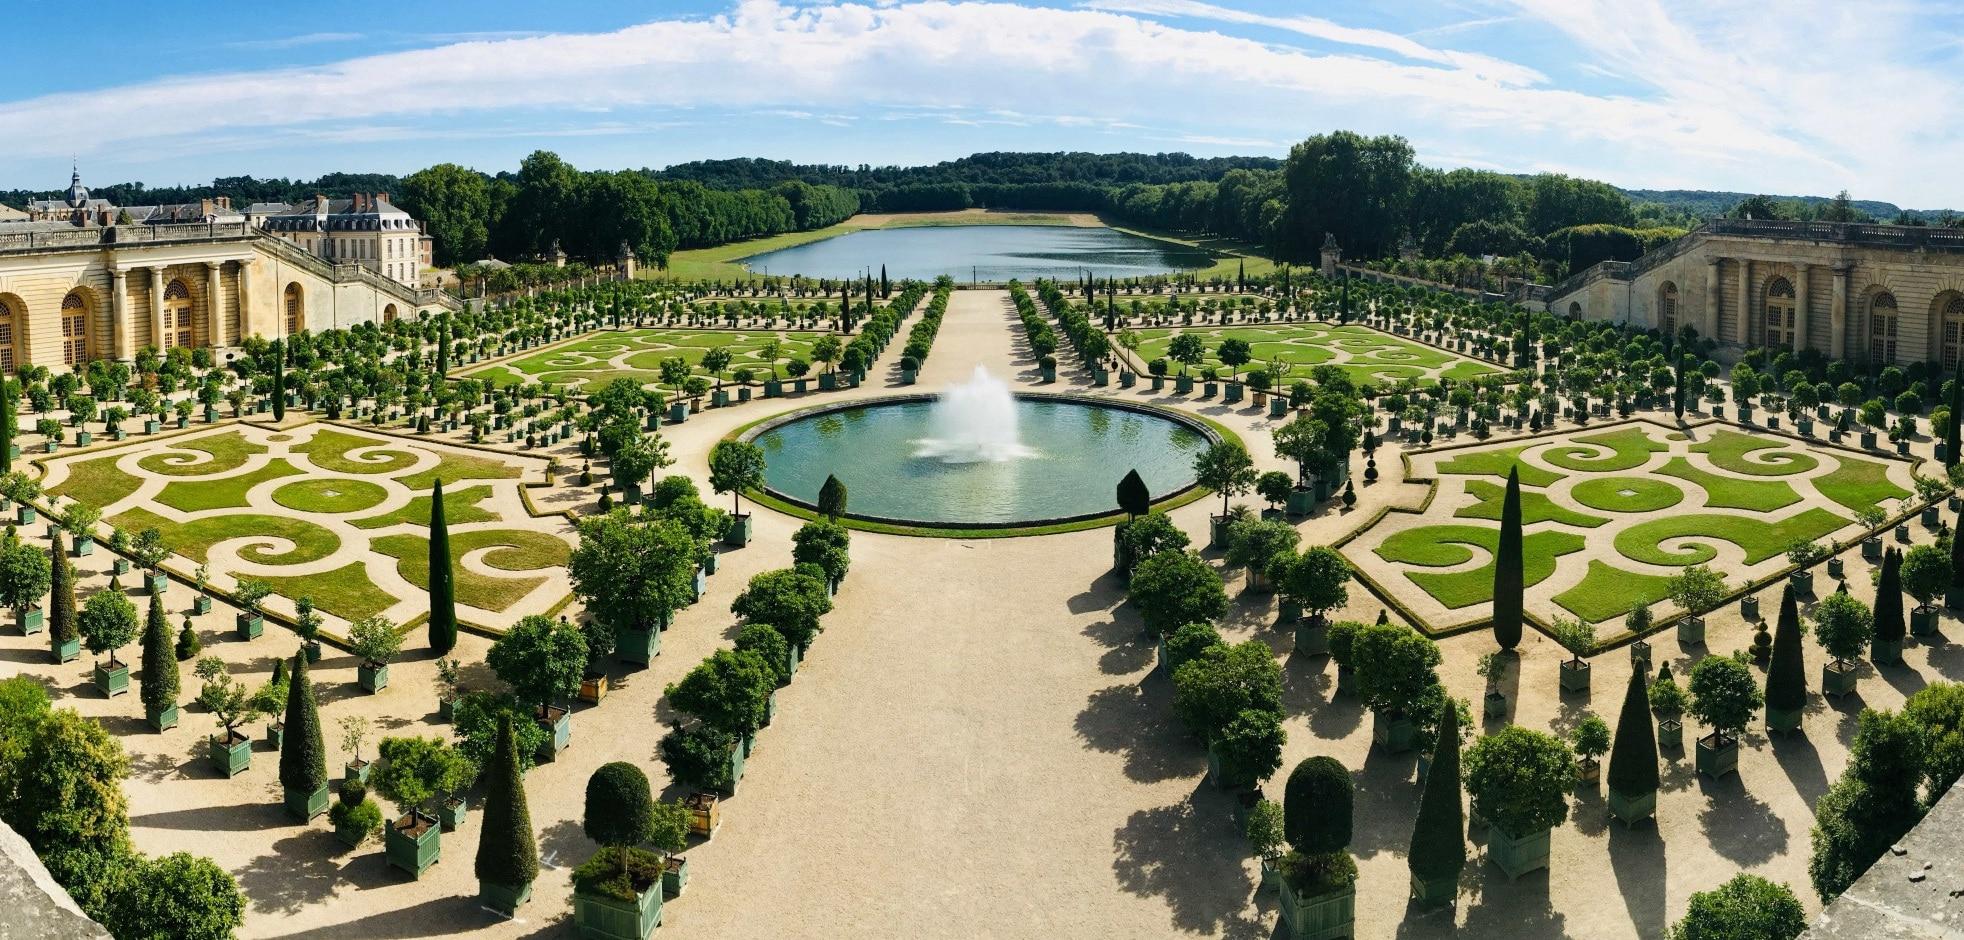 Versailles (Île-de-France)